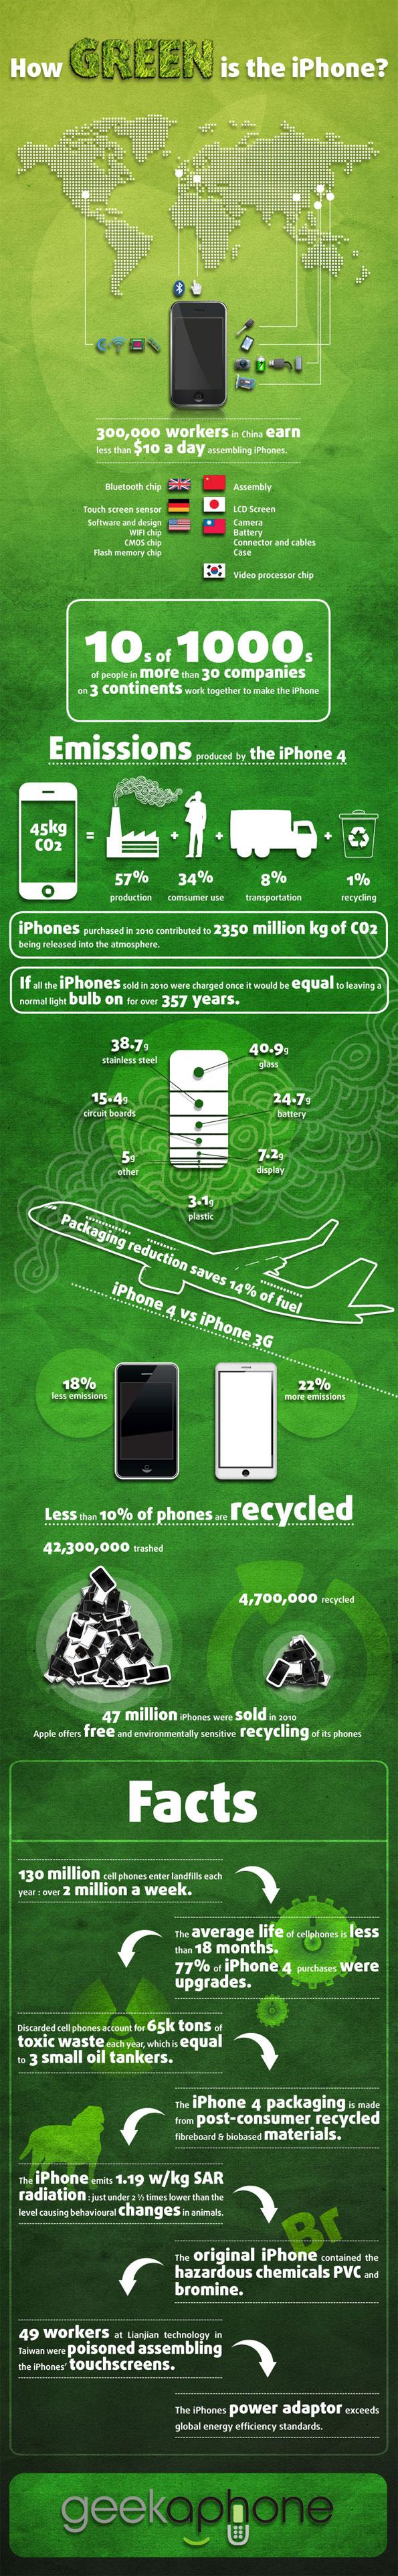 L'iPhone est-il un sympathisant écologique ?